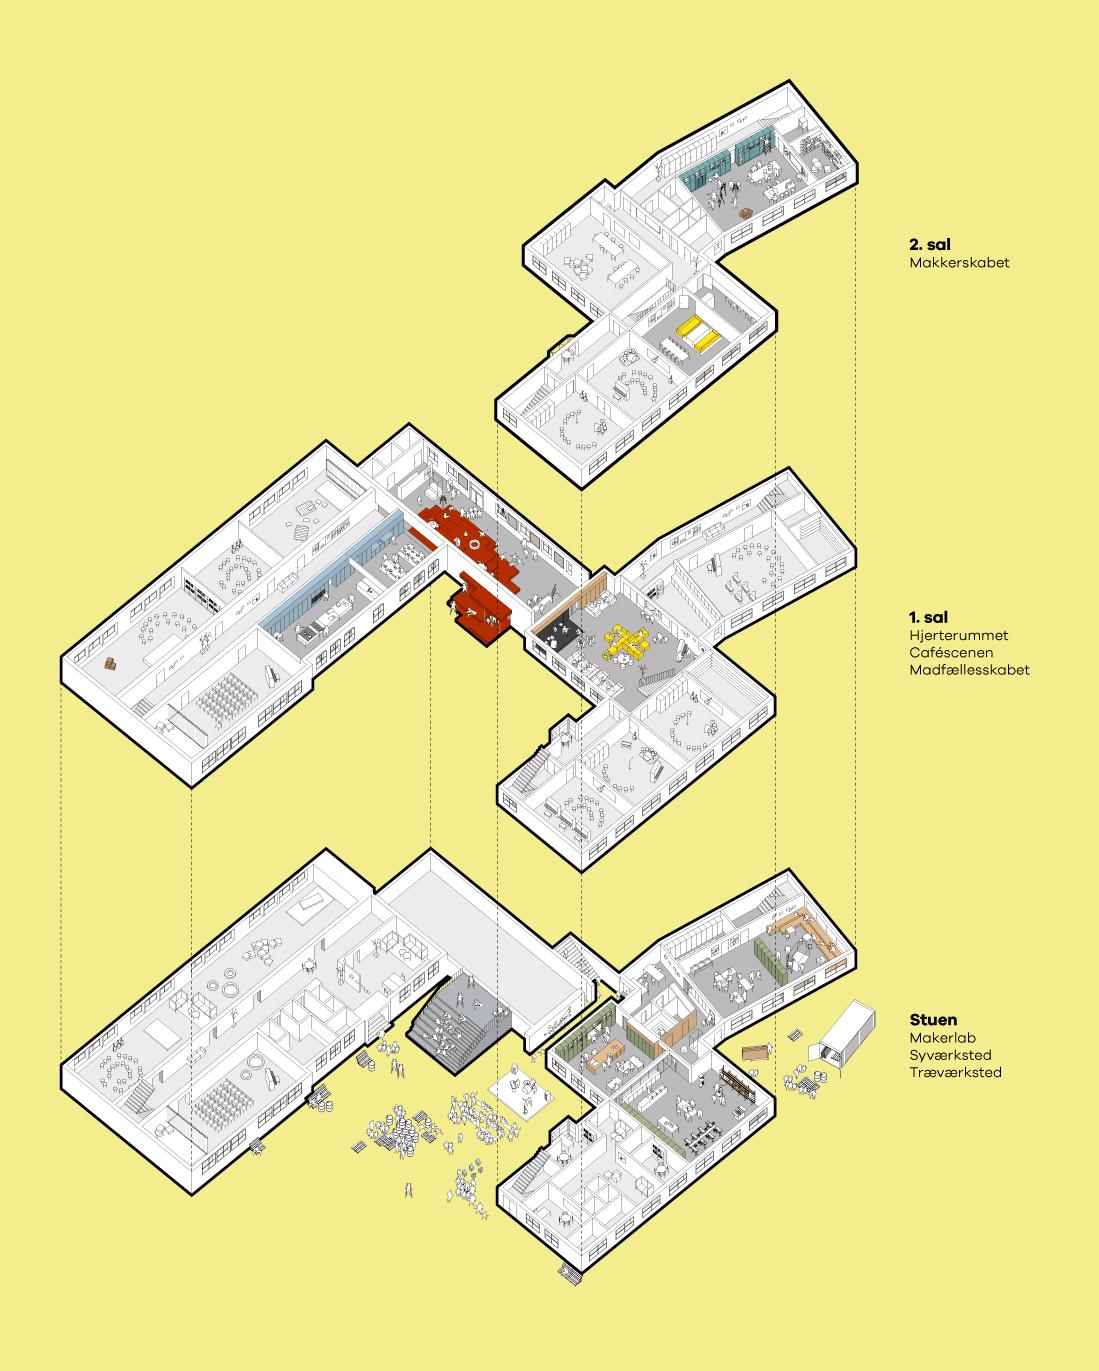 kulturstationen-exploded-iso-horsens-de-fem-skoler